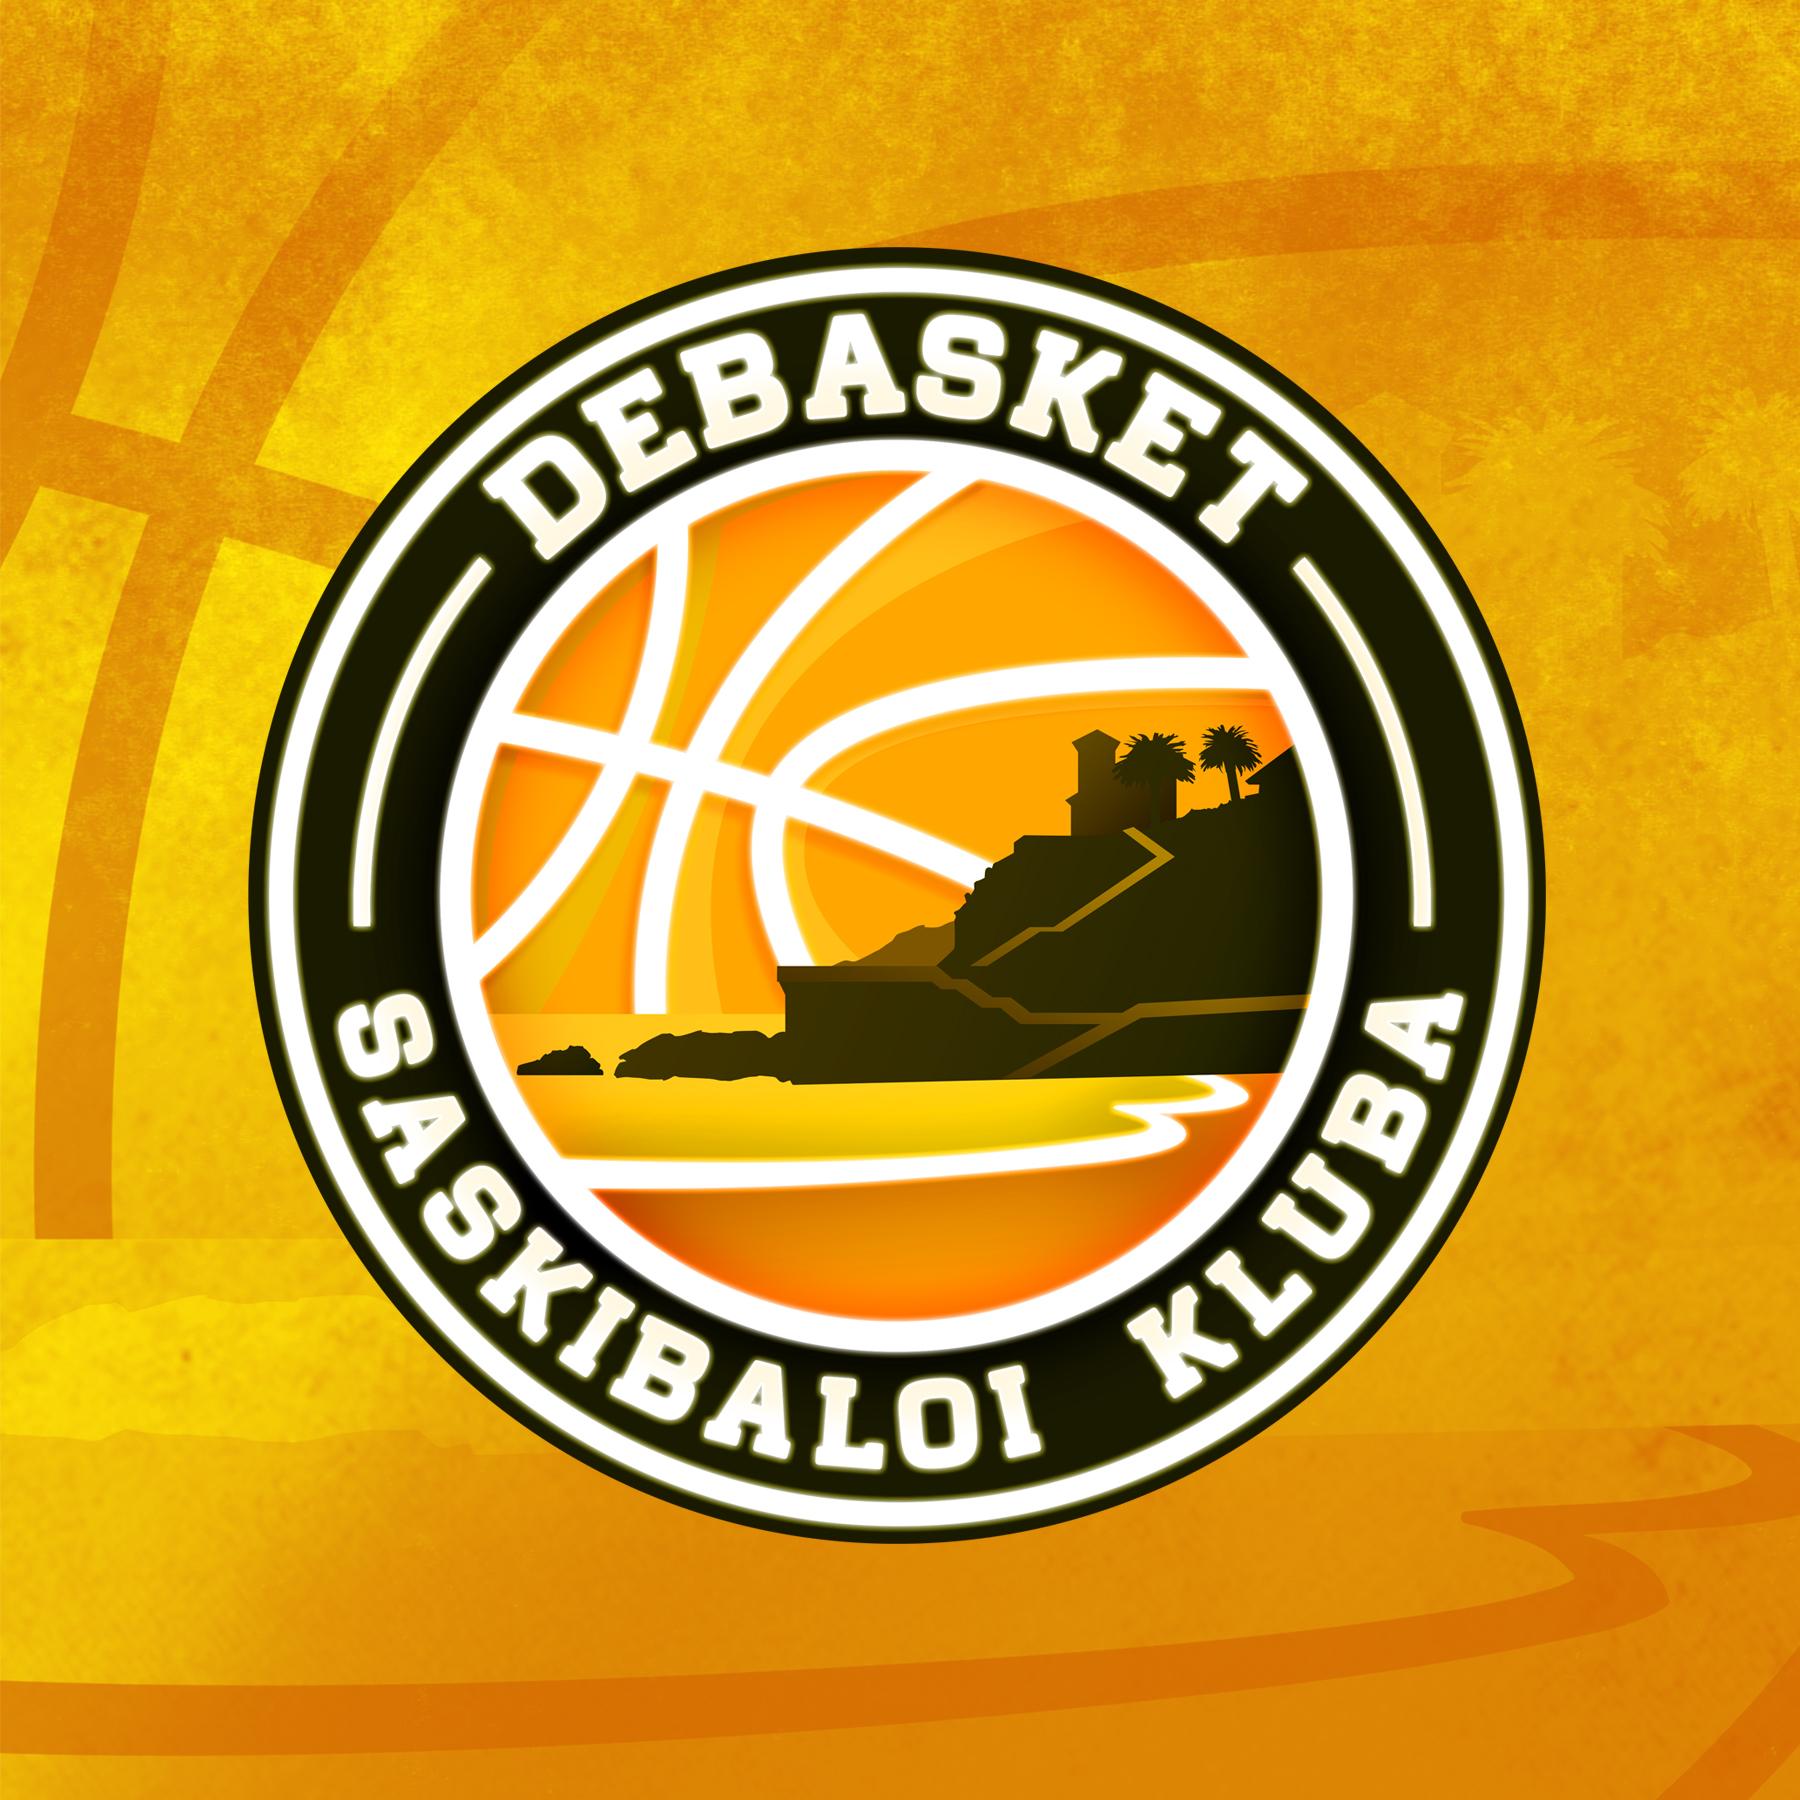 DEBASKET SK | Logotipoa